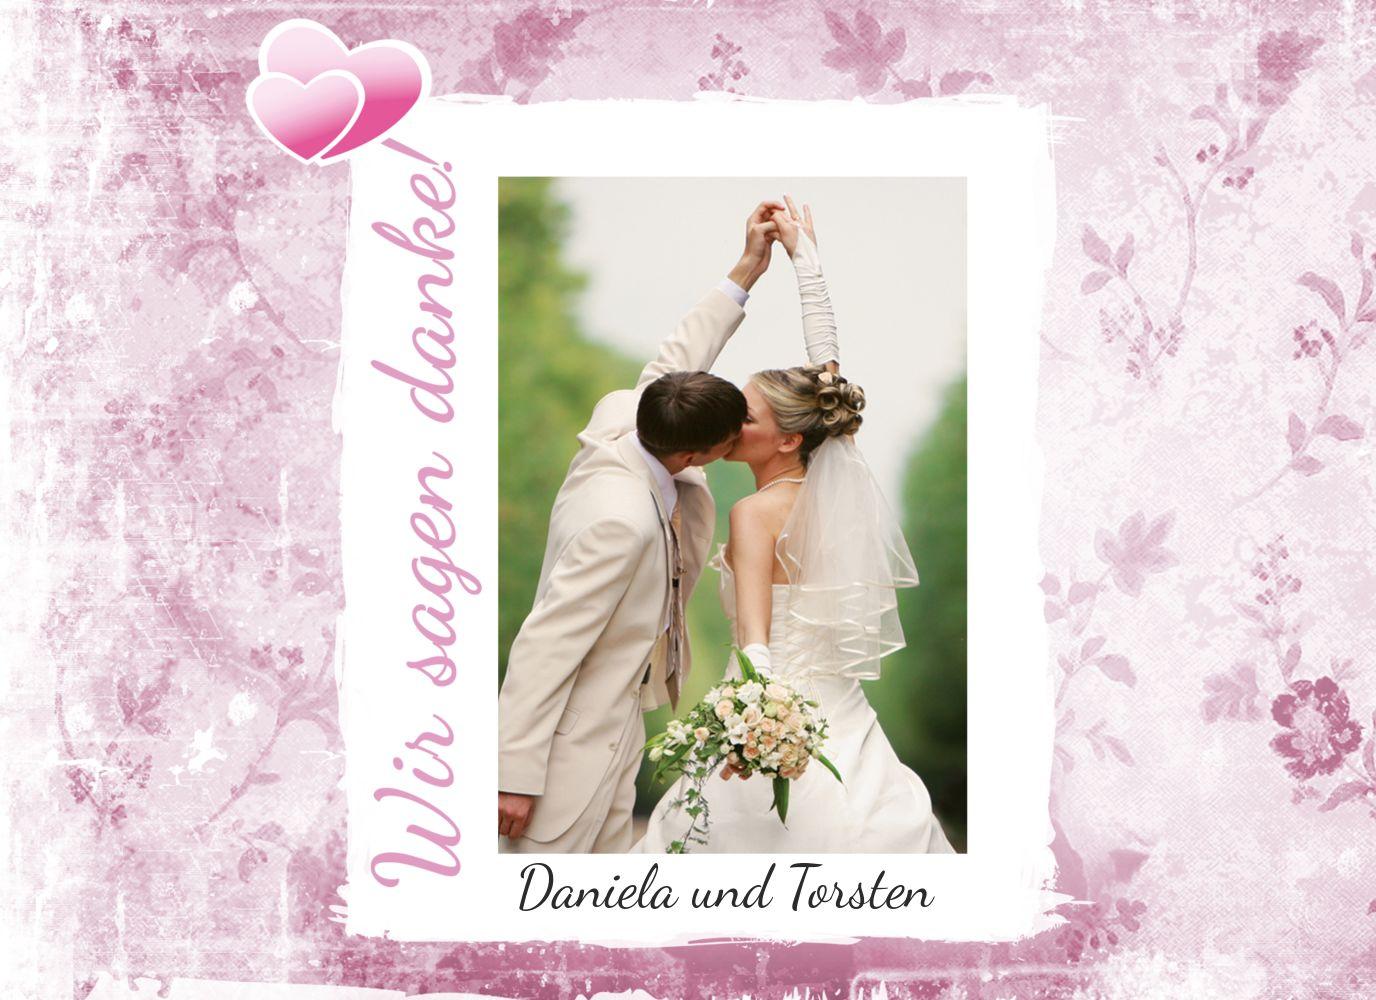 Ansicht 5 - Hochzeit Danke Din romantische Liebe